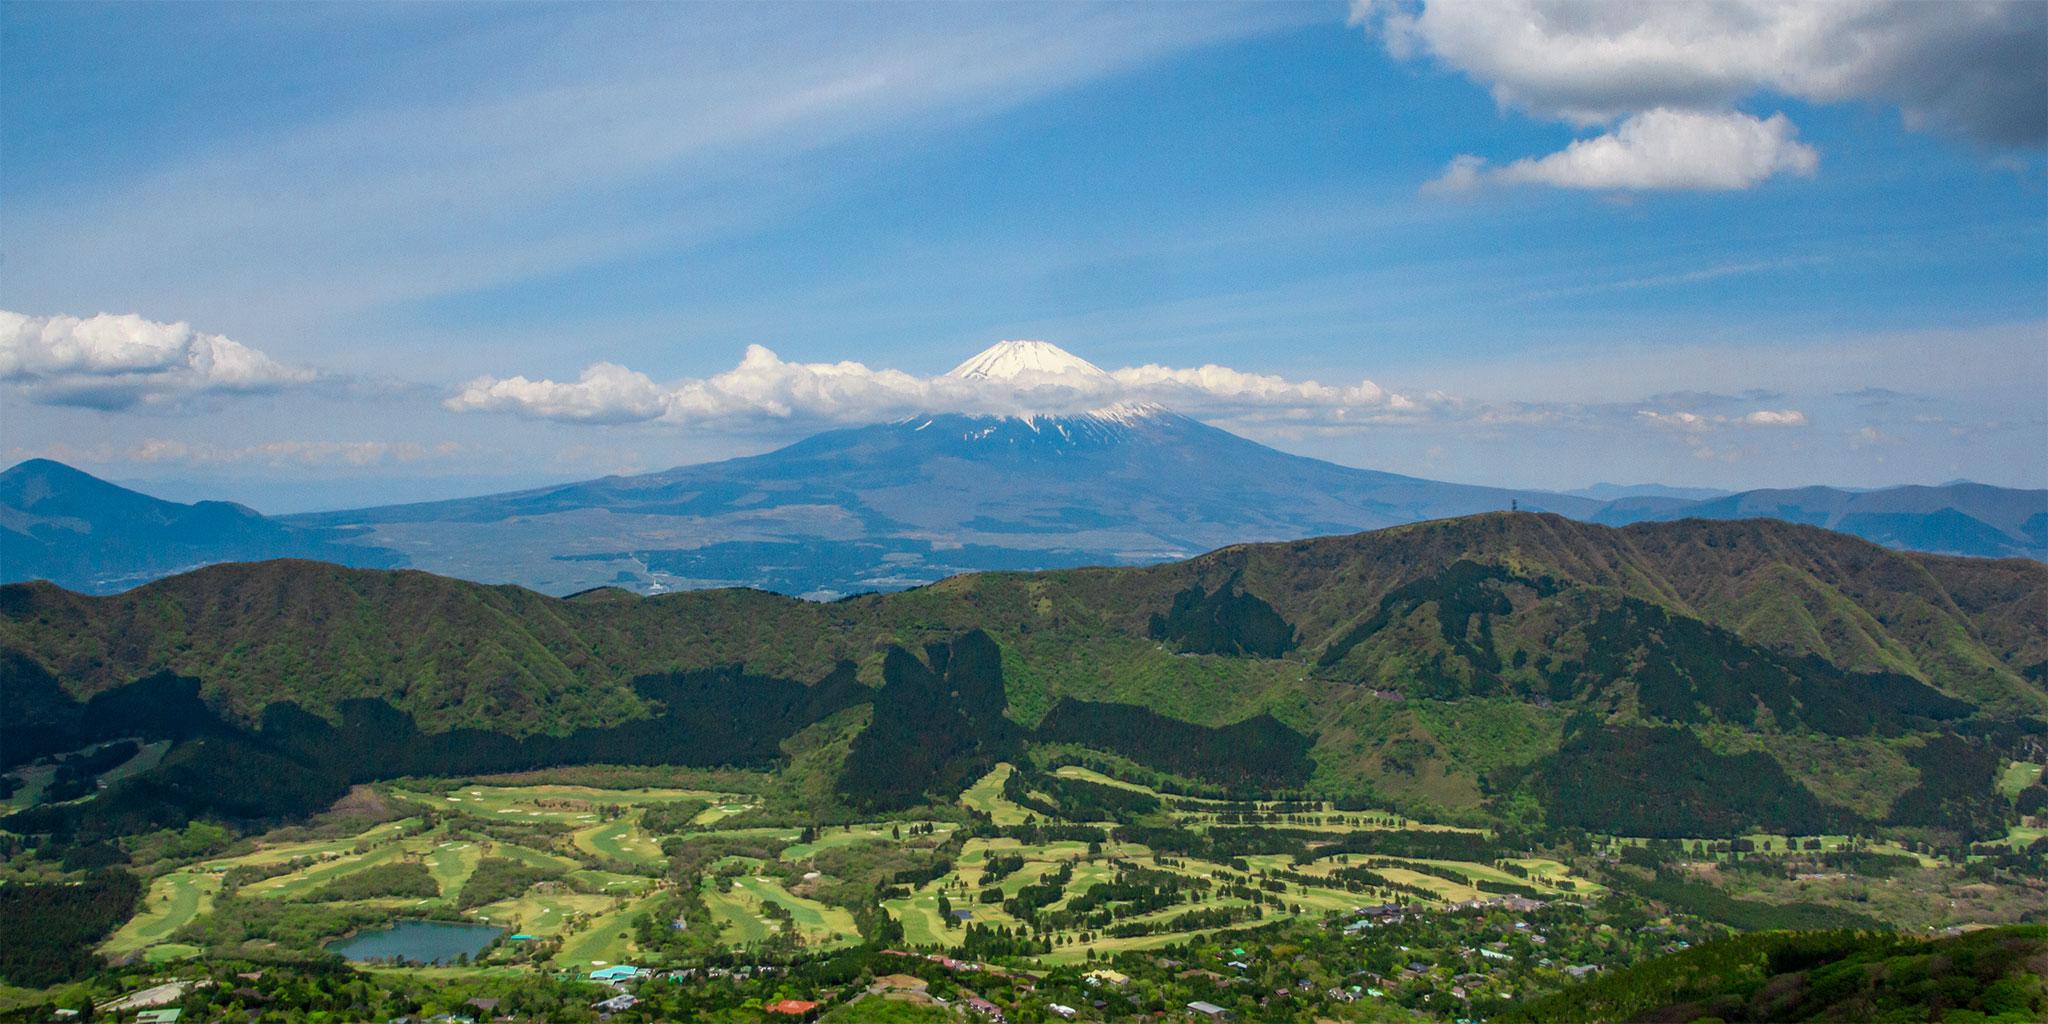 ヘリコプターから眺める富士山、芦ノ湖、海賊船、山のホテル